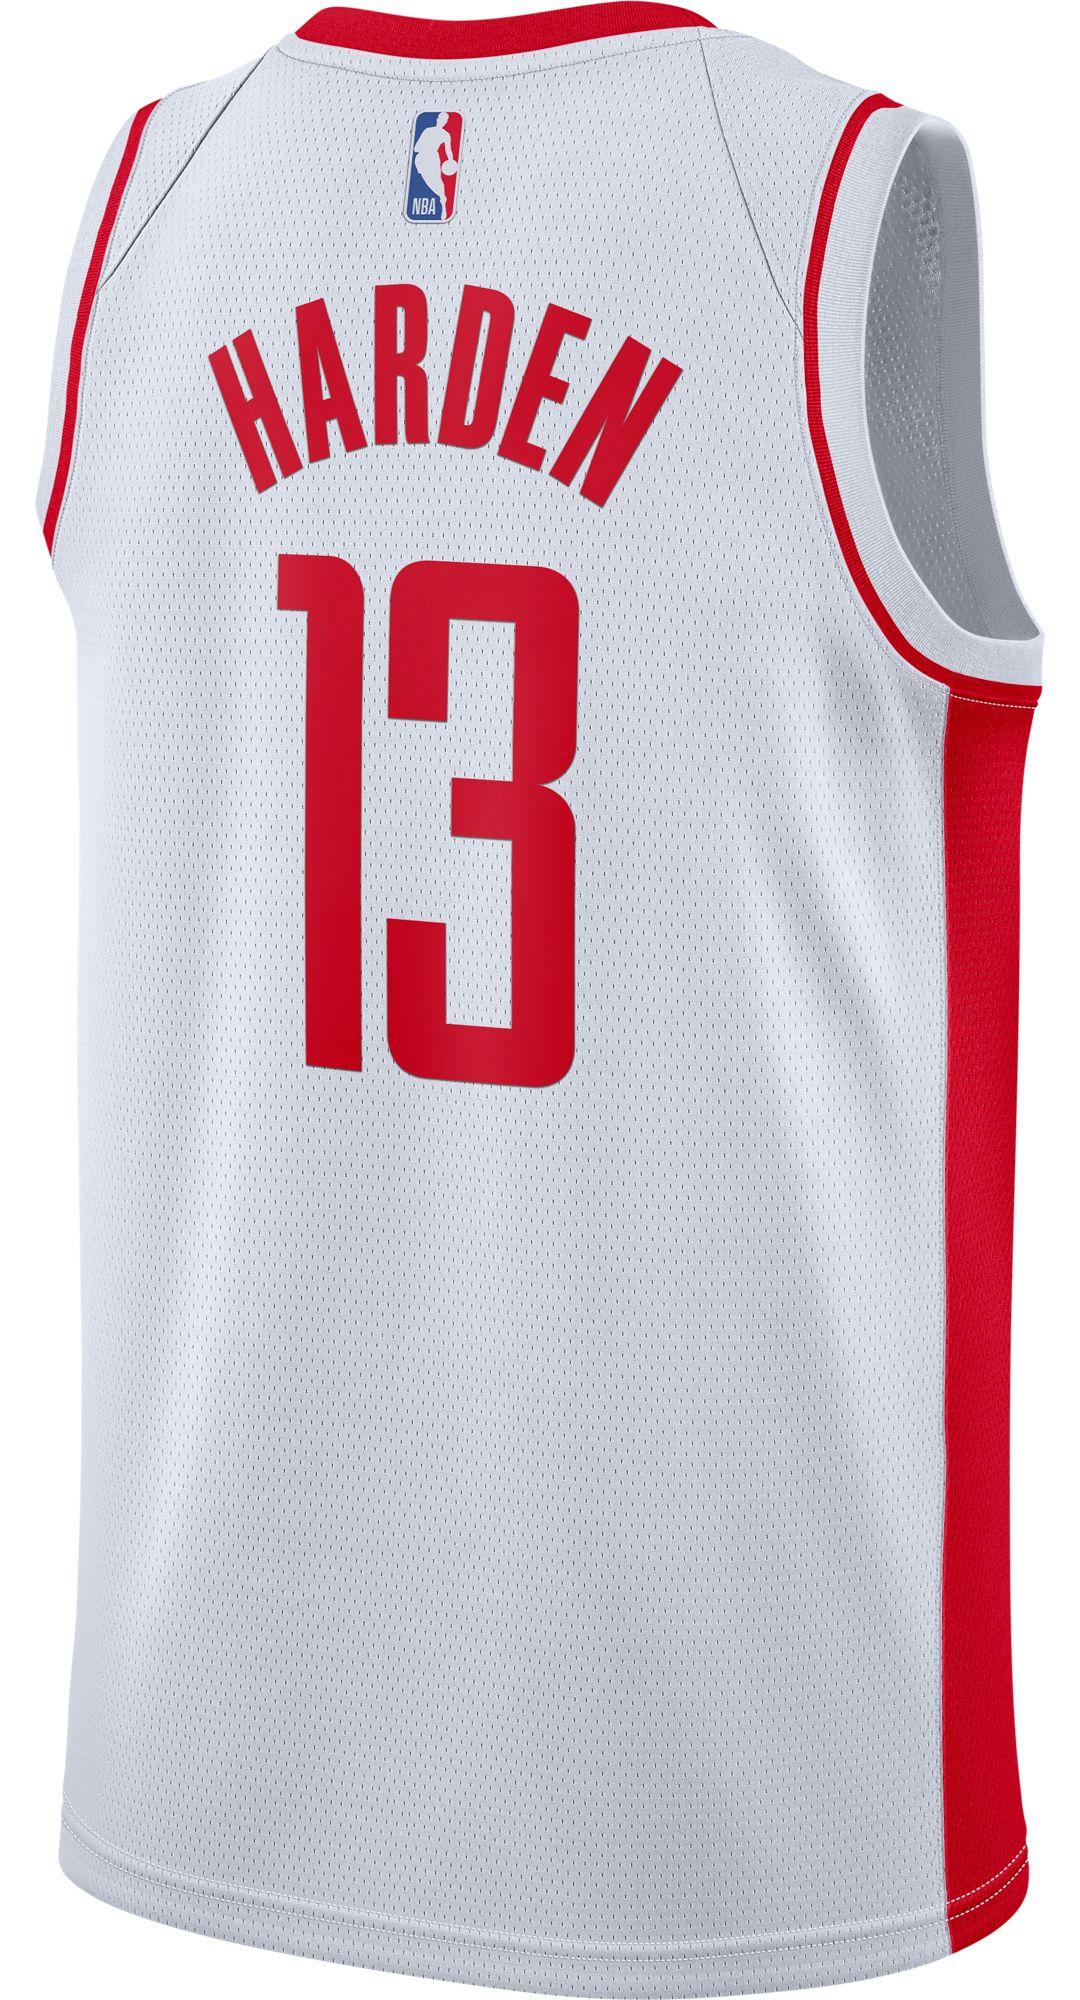 Nike Men's Houston Rockets James Harden #13 White Dri FIT Swingman Jersey